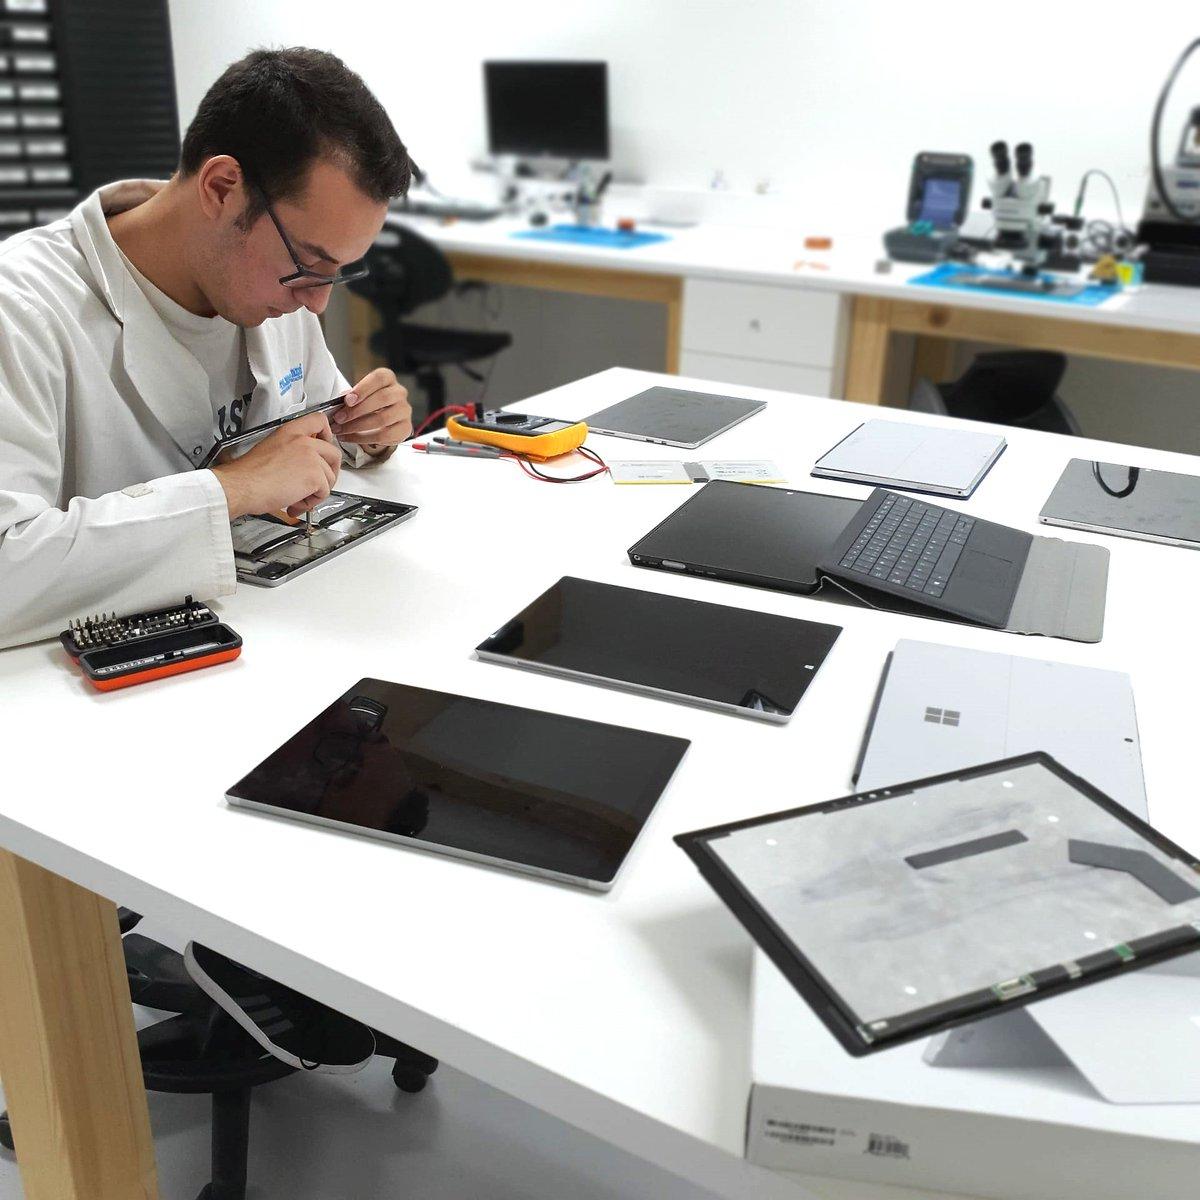 Possuímos Técnicos especializados na reparação de Microsoft Surface. Sempre com garantia sobre o serviço.  Consegue um orçamento grátis em http://www.ptelemoveis.pt | 244001251 | suporte@ptelemoveis.pt  #ptelemoveis #surface #microsoftrepair pic.twitter.com/GBbQTOaXaF